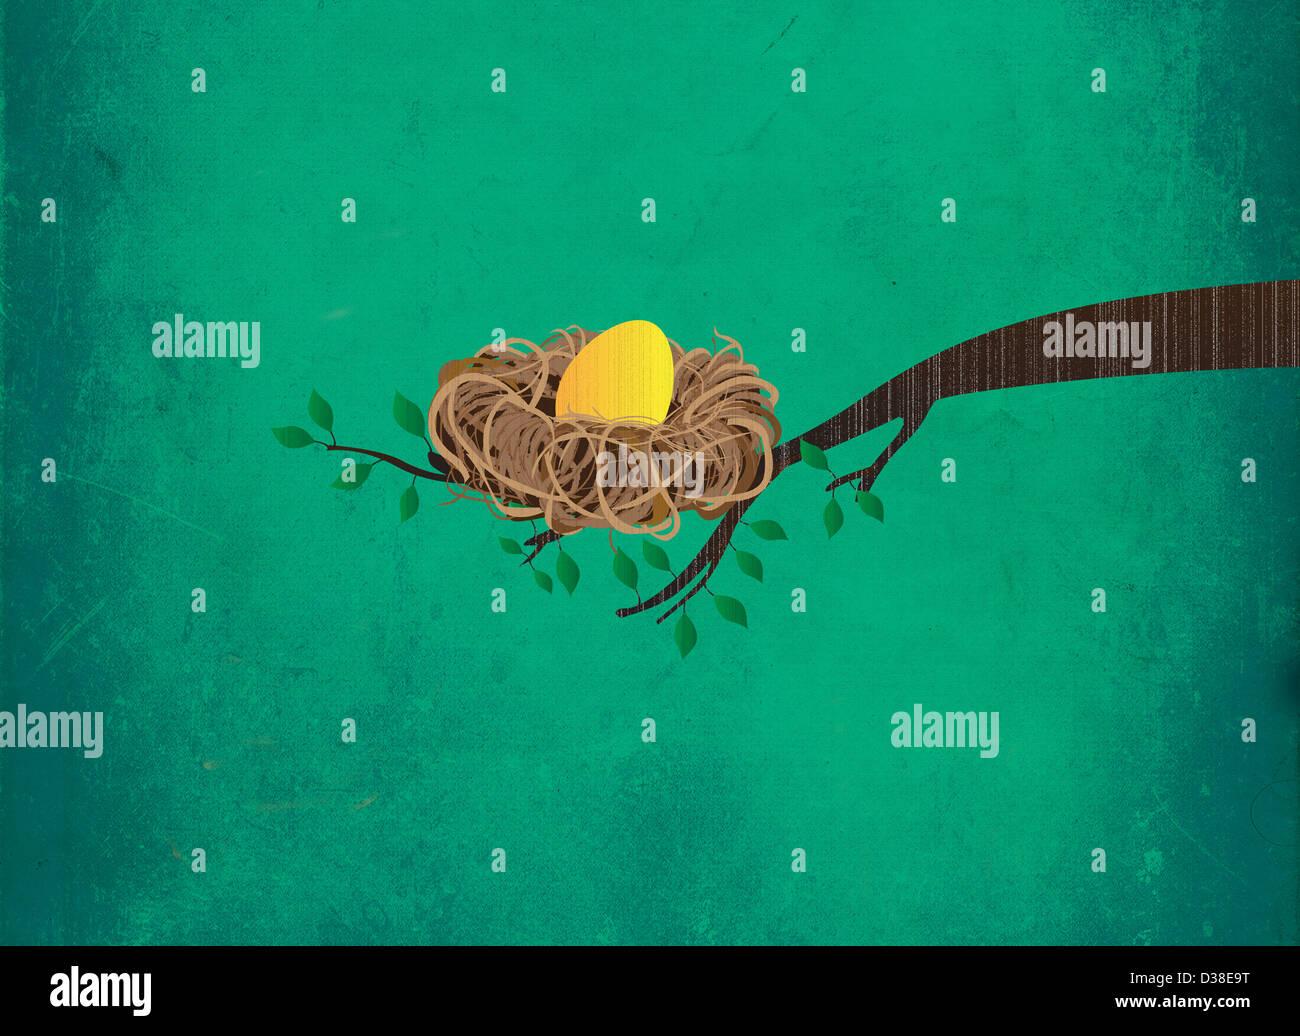 Anschauliches Bild der goldene Ei im Nest am Zweig, die Investition Stockbild